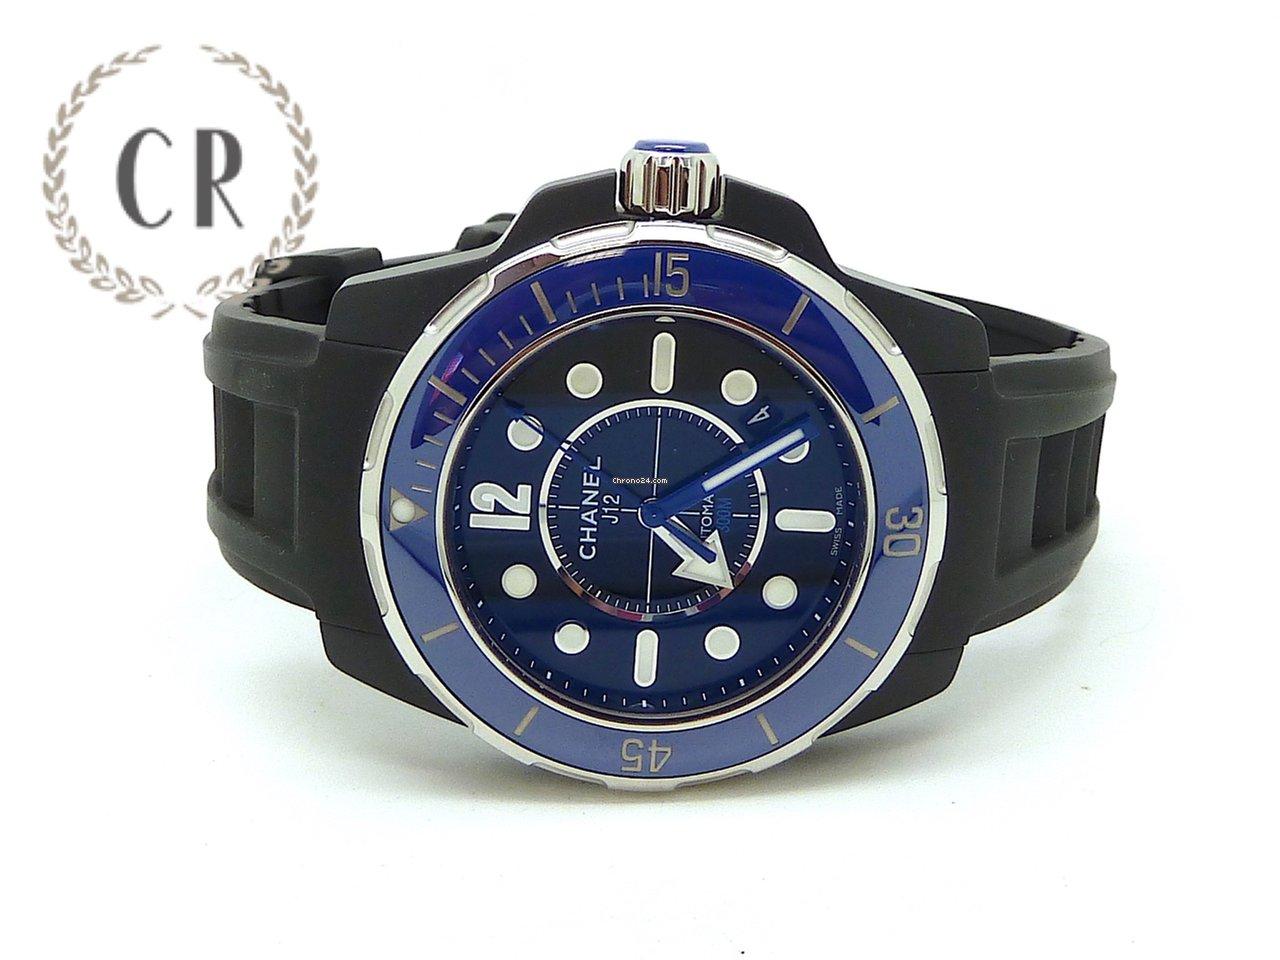 4c616012efa0 Precio de relojes Chanel J12 en Chrono24